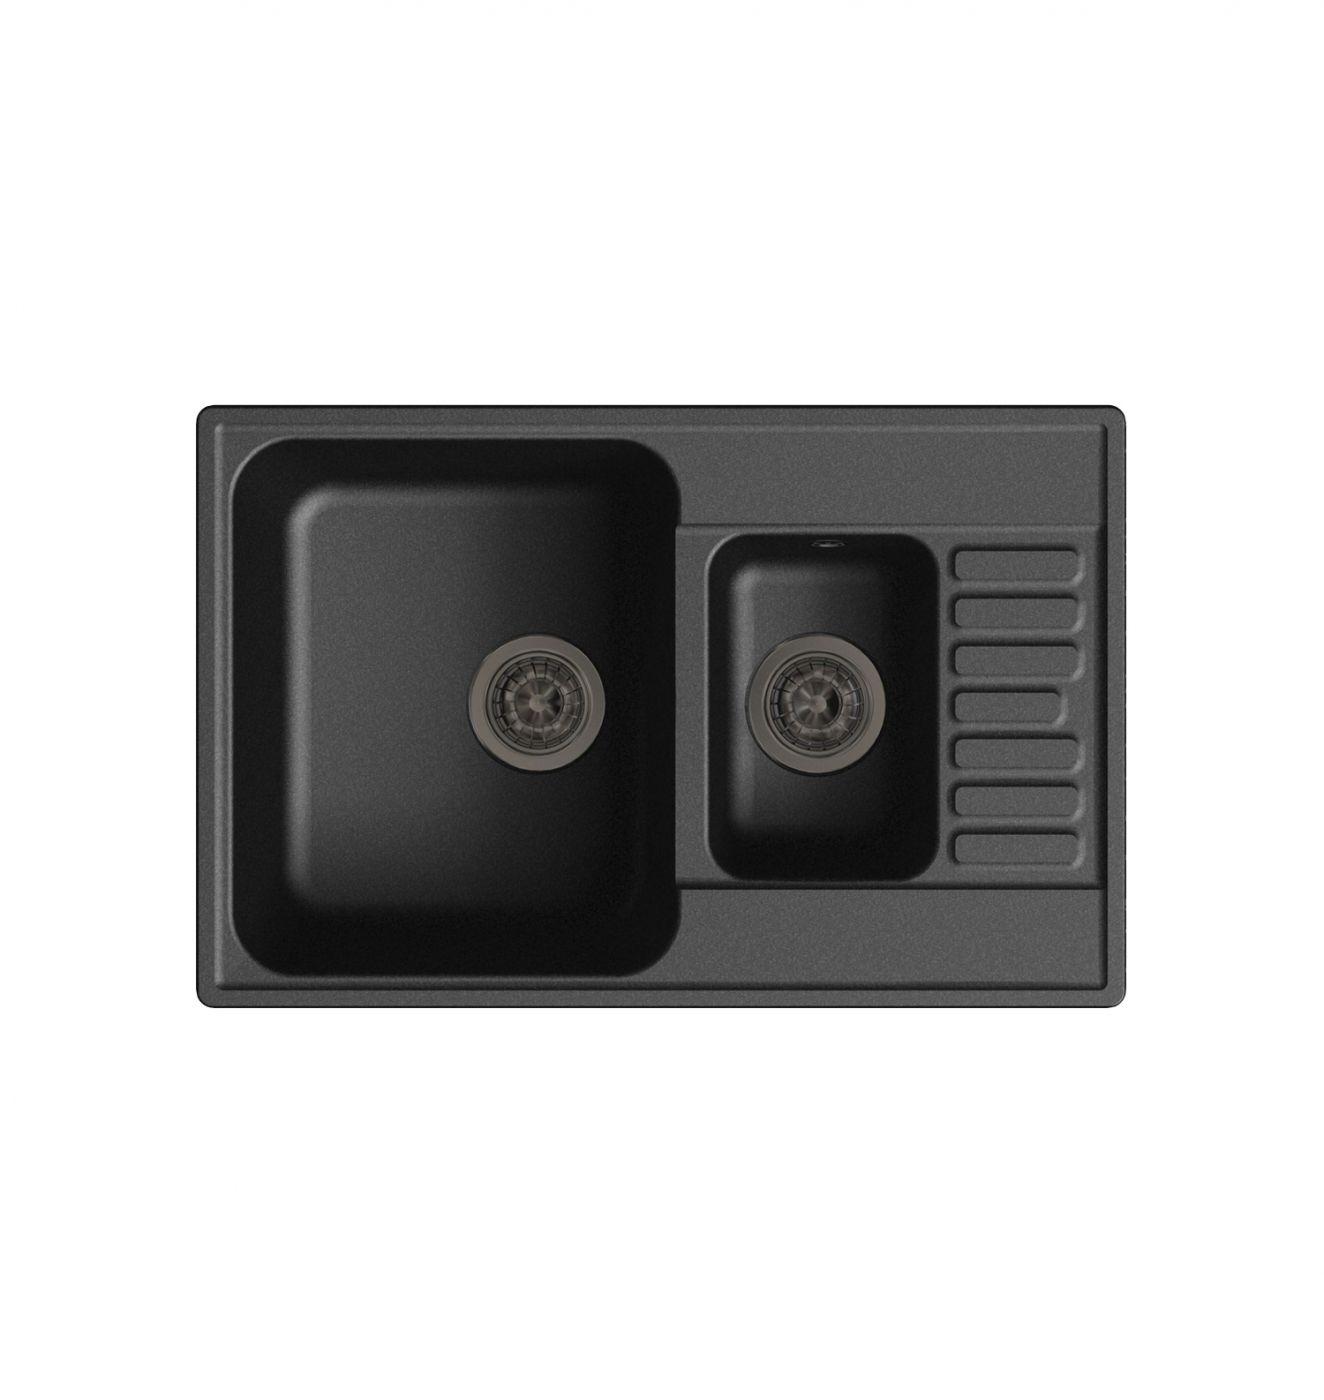 Врезная кухонная мойка LEX St. Moritz 740 Black 74х48см полимер RULE000038